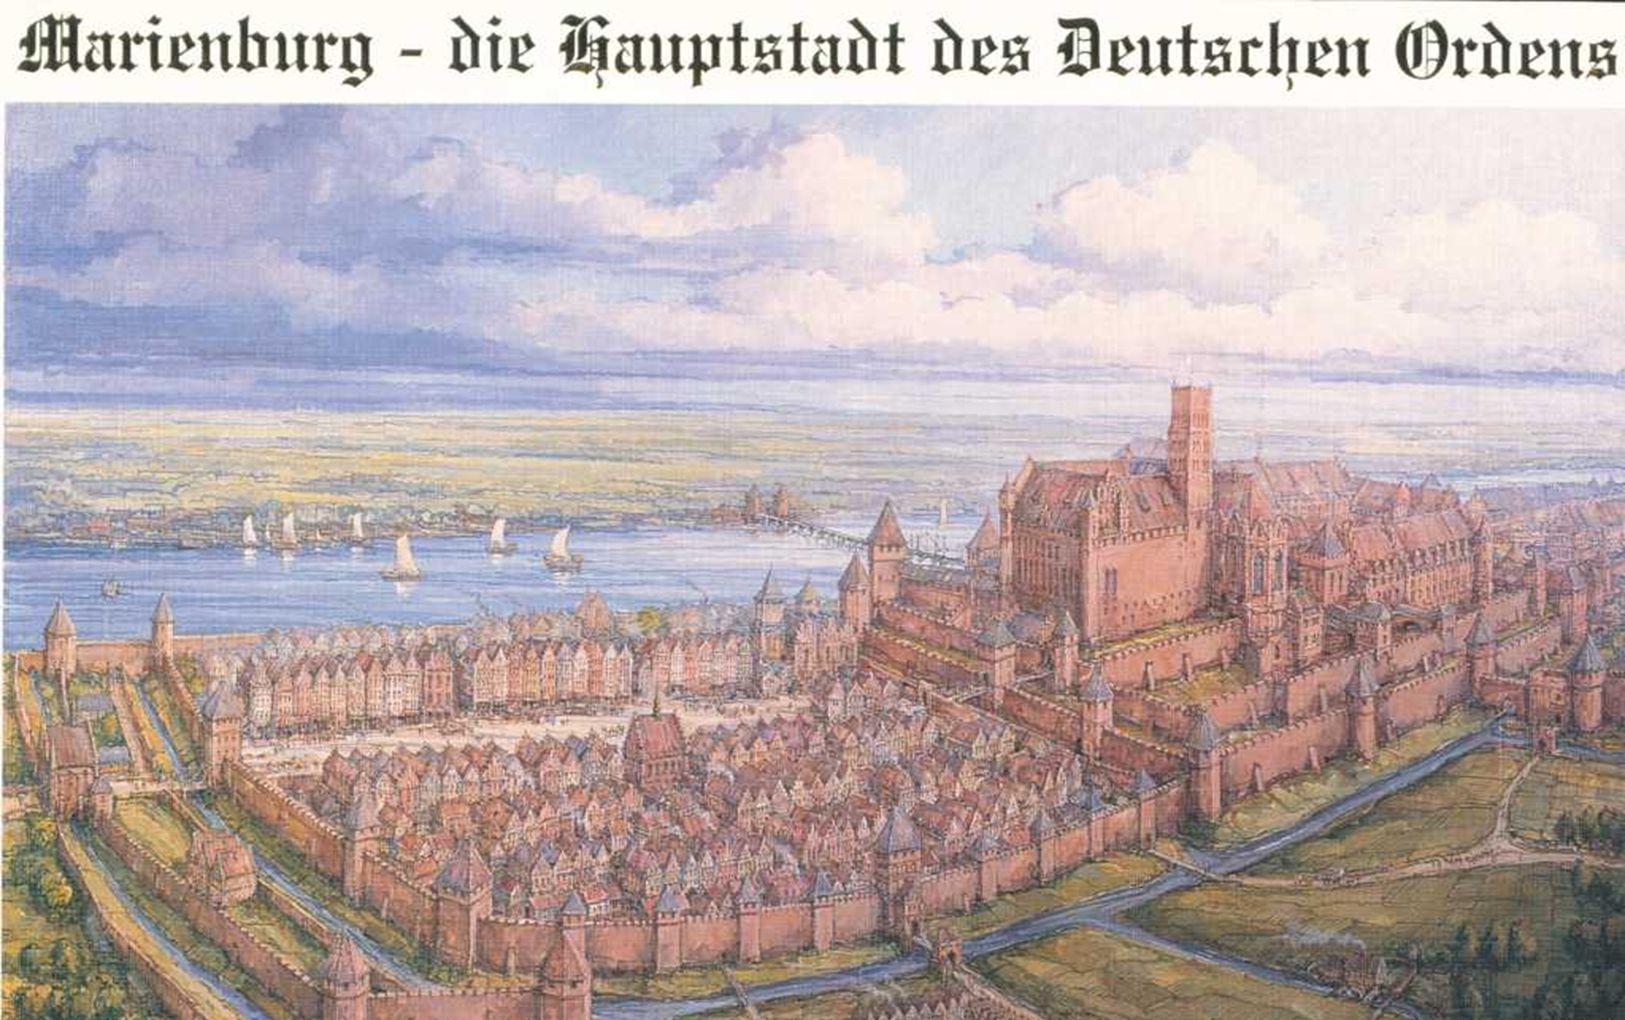 ein mittelalterliches Bild etwa zur Blütezeit im 15. und 16